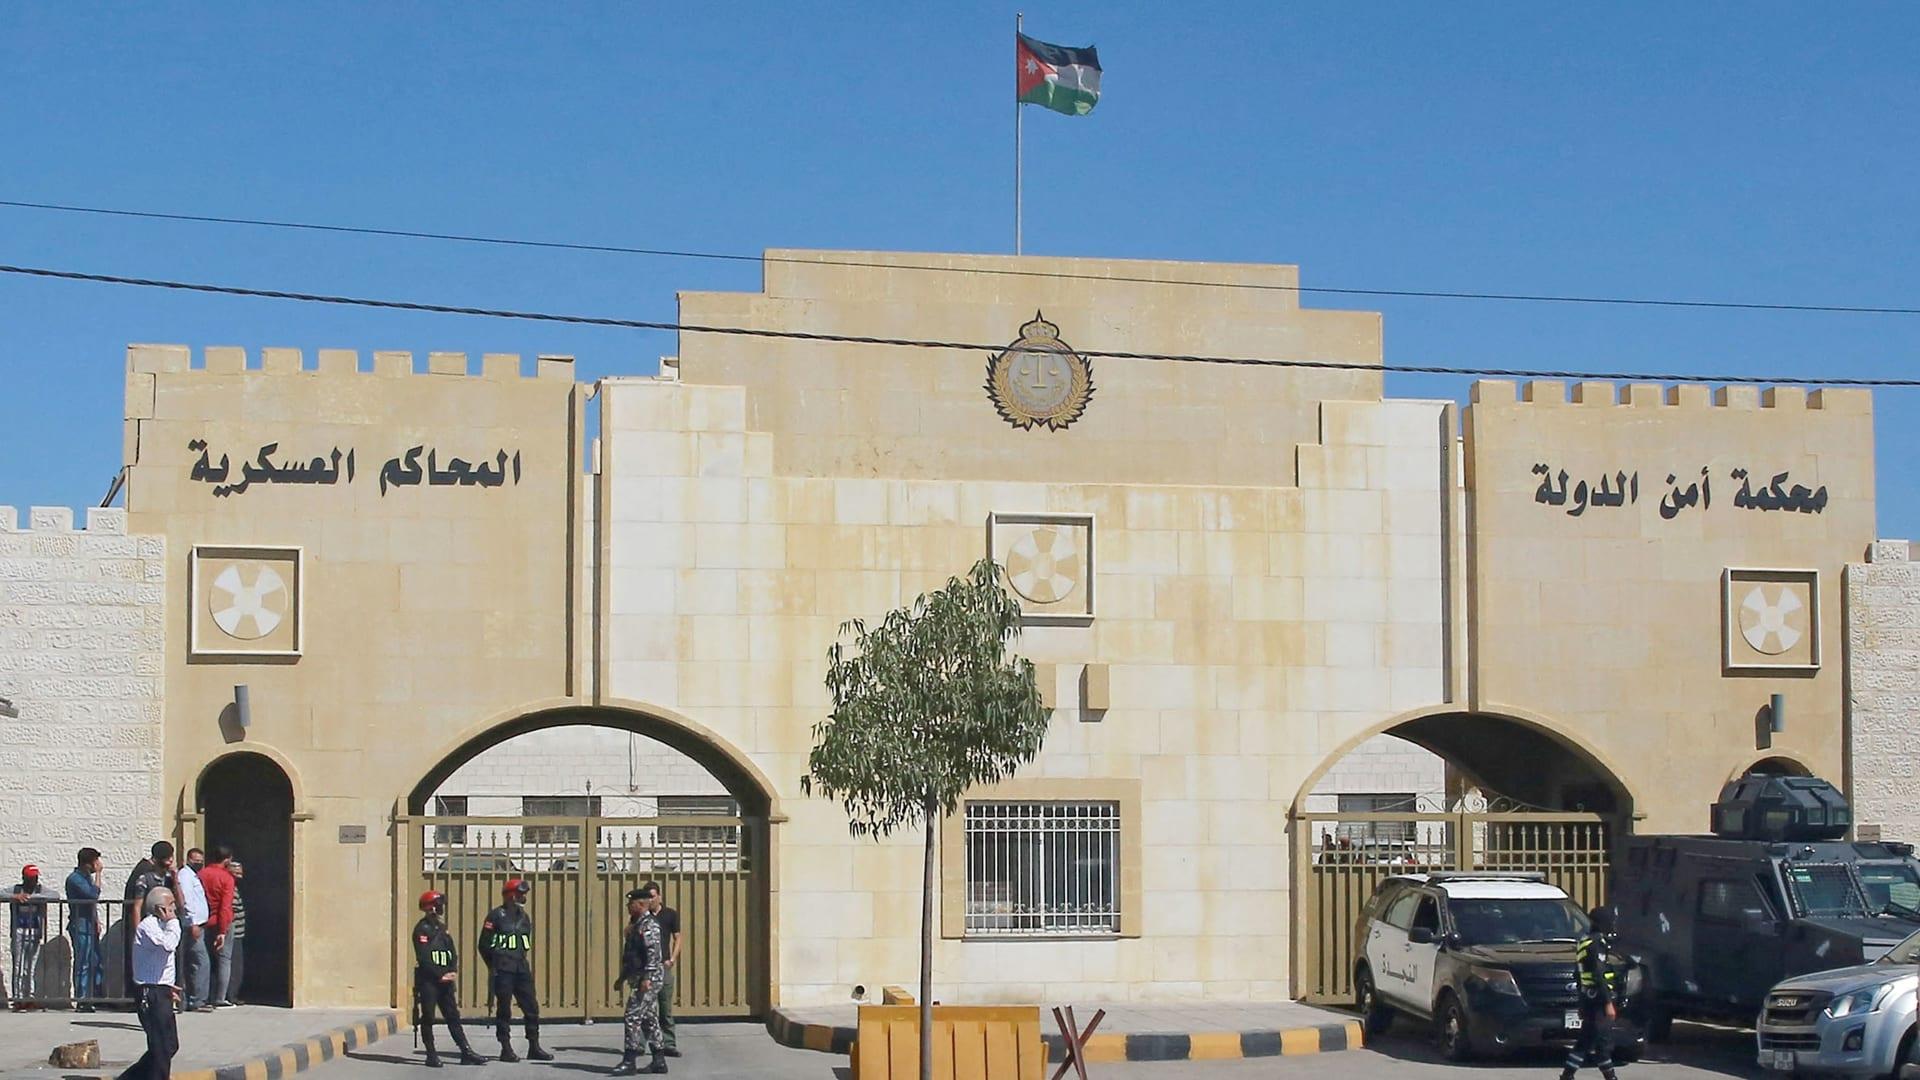 مشاهد من خارج المحكمة العسكرية بأول أيام محاكمة باسم عوض الله والشريف حسن بن زيد